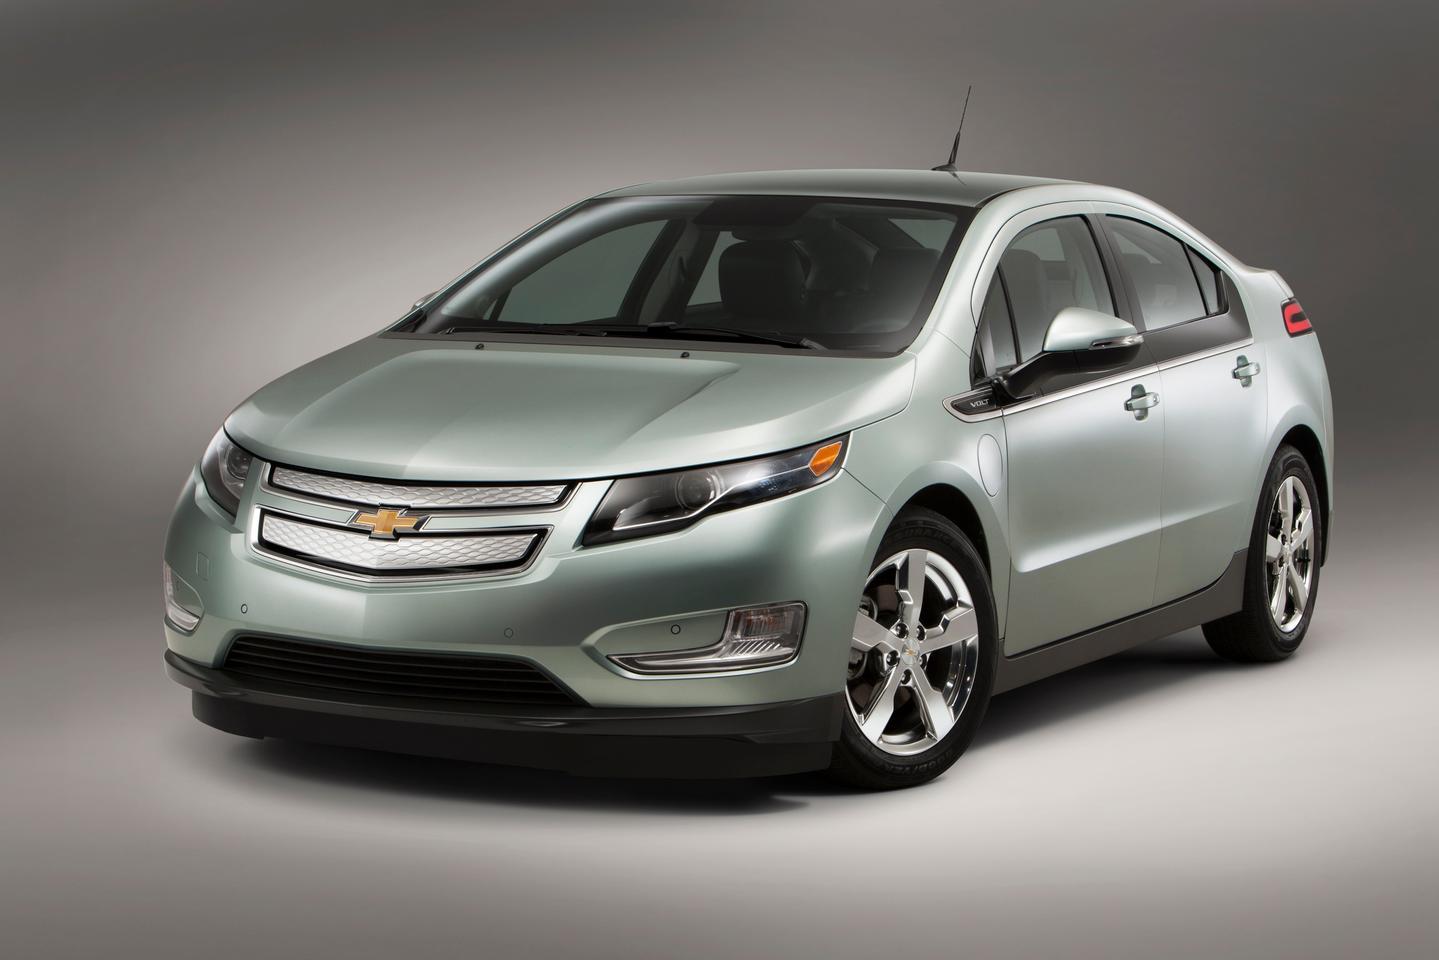 Kelebihan Kekurangan Chevrolet Volt 2013 Harga